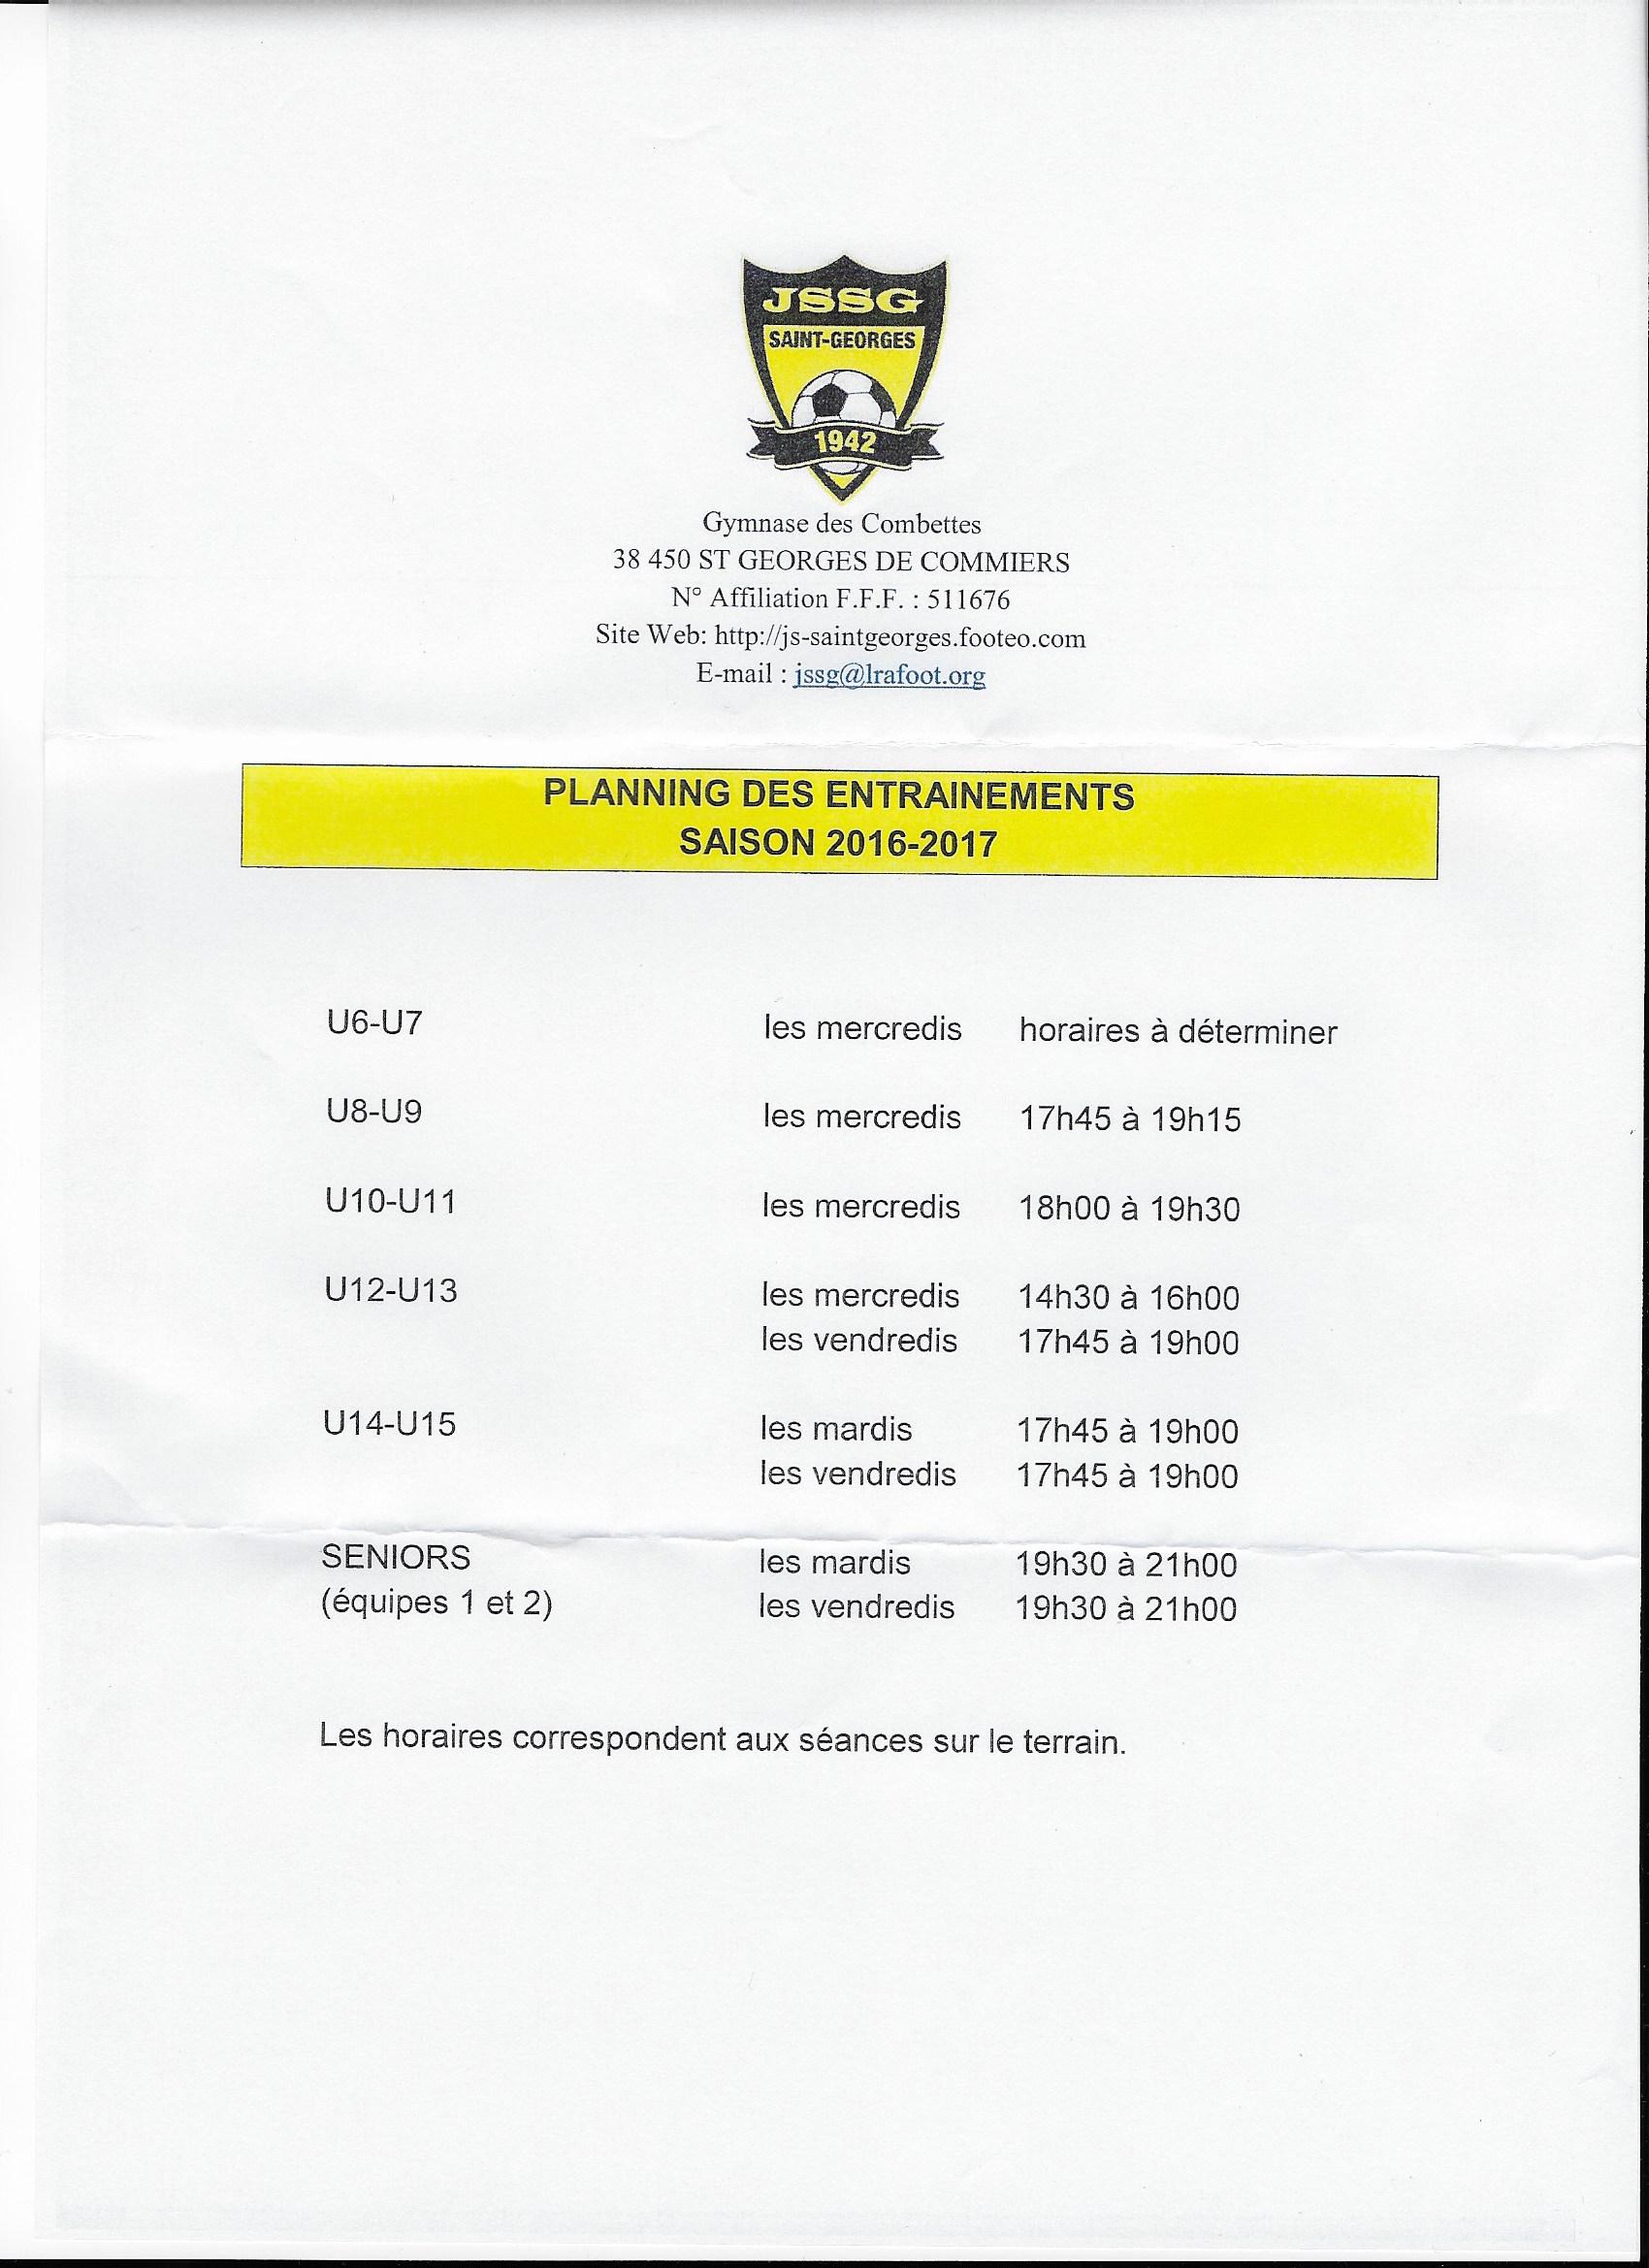 Planning des entrainements 2016-2017